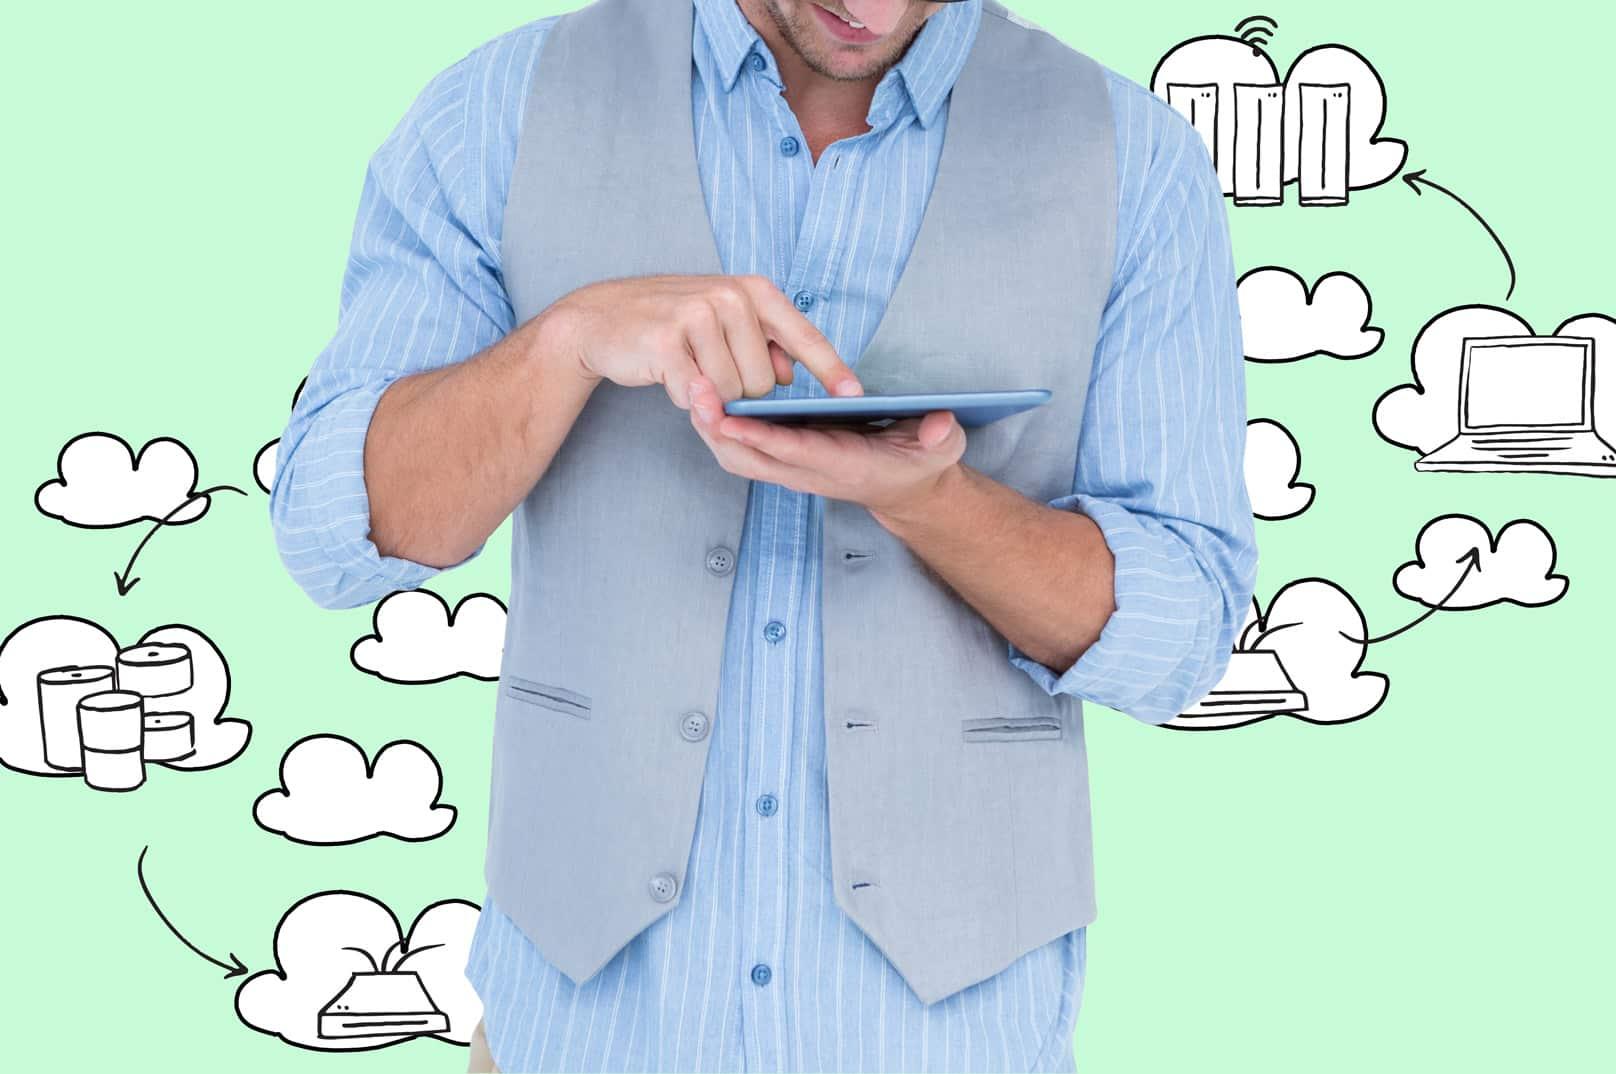 Le 3 personalizzazioni di UI (interfaccia utente) più odiate dagli utenti